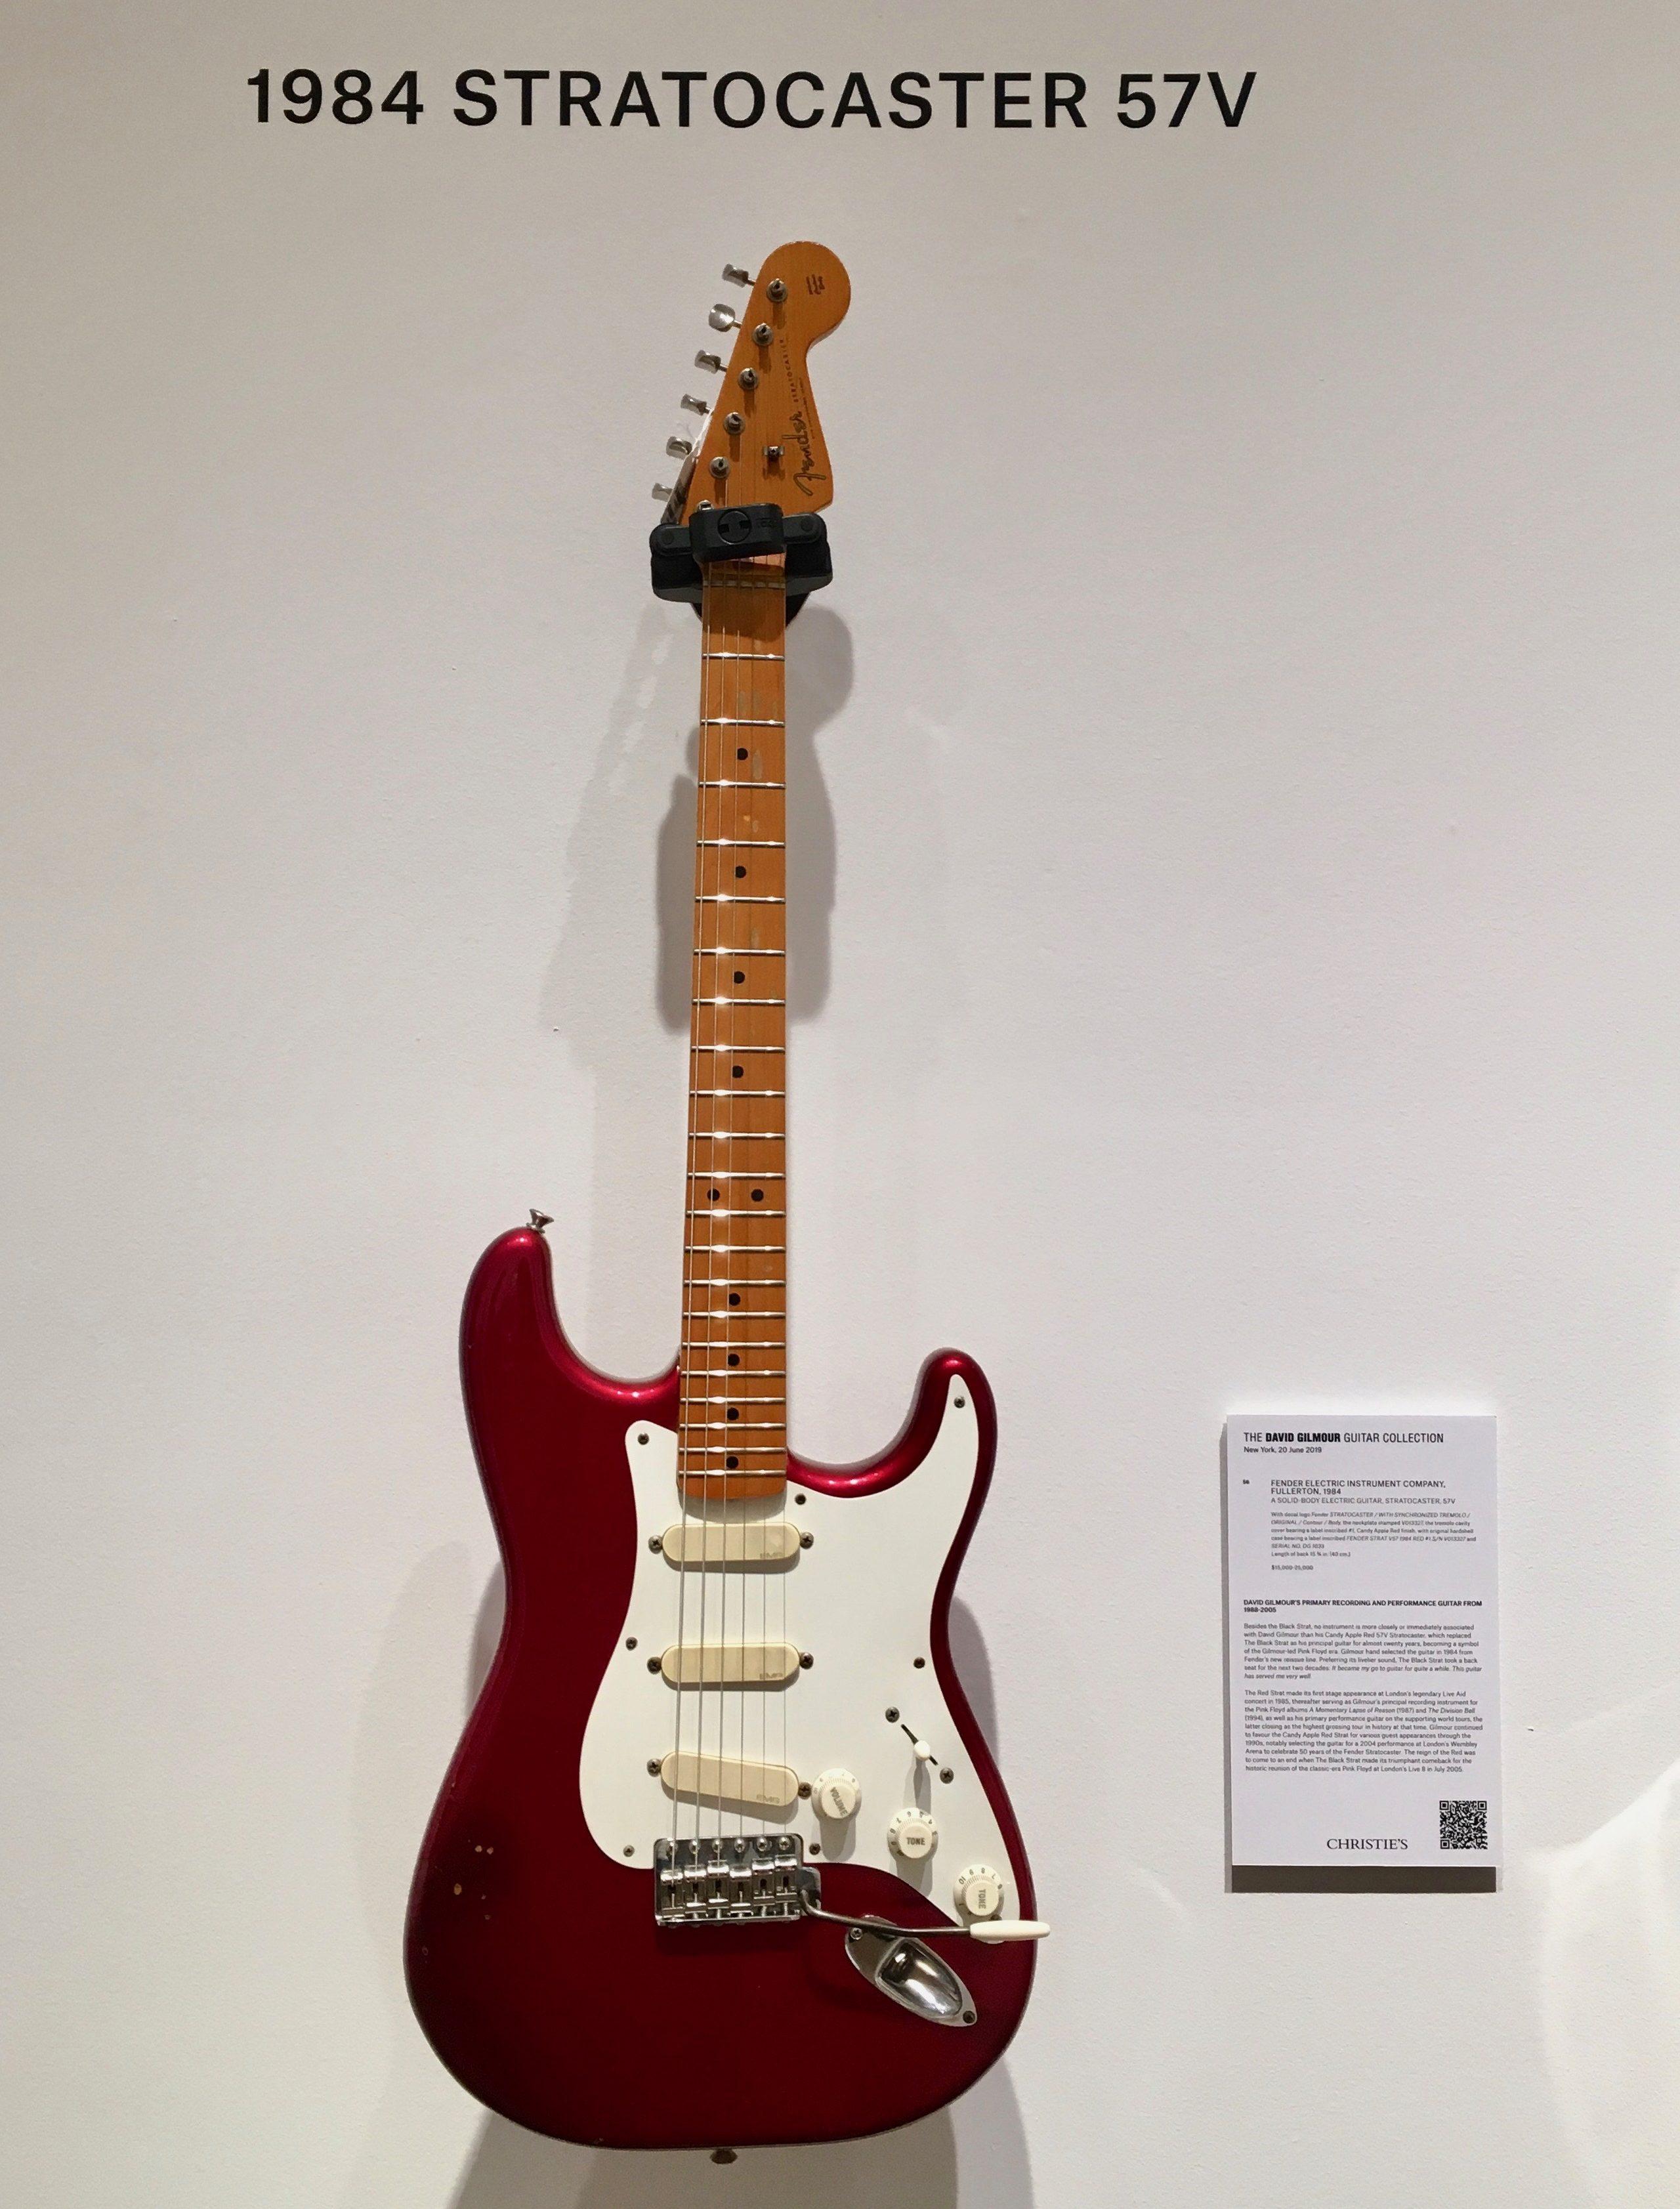 White Fender Stratocaster | The Worley Gig